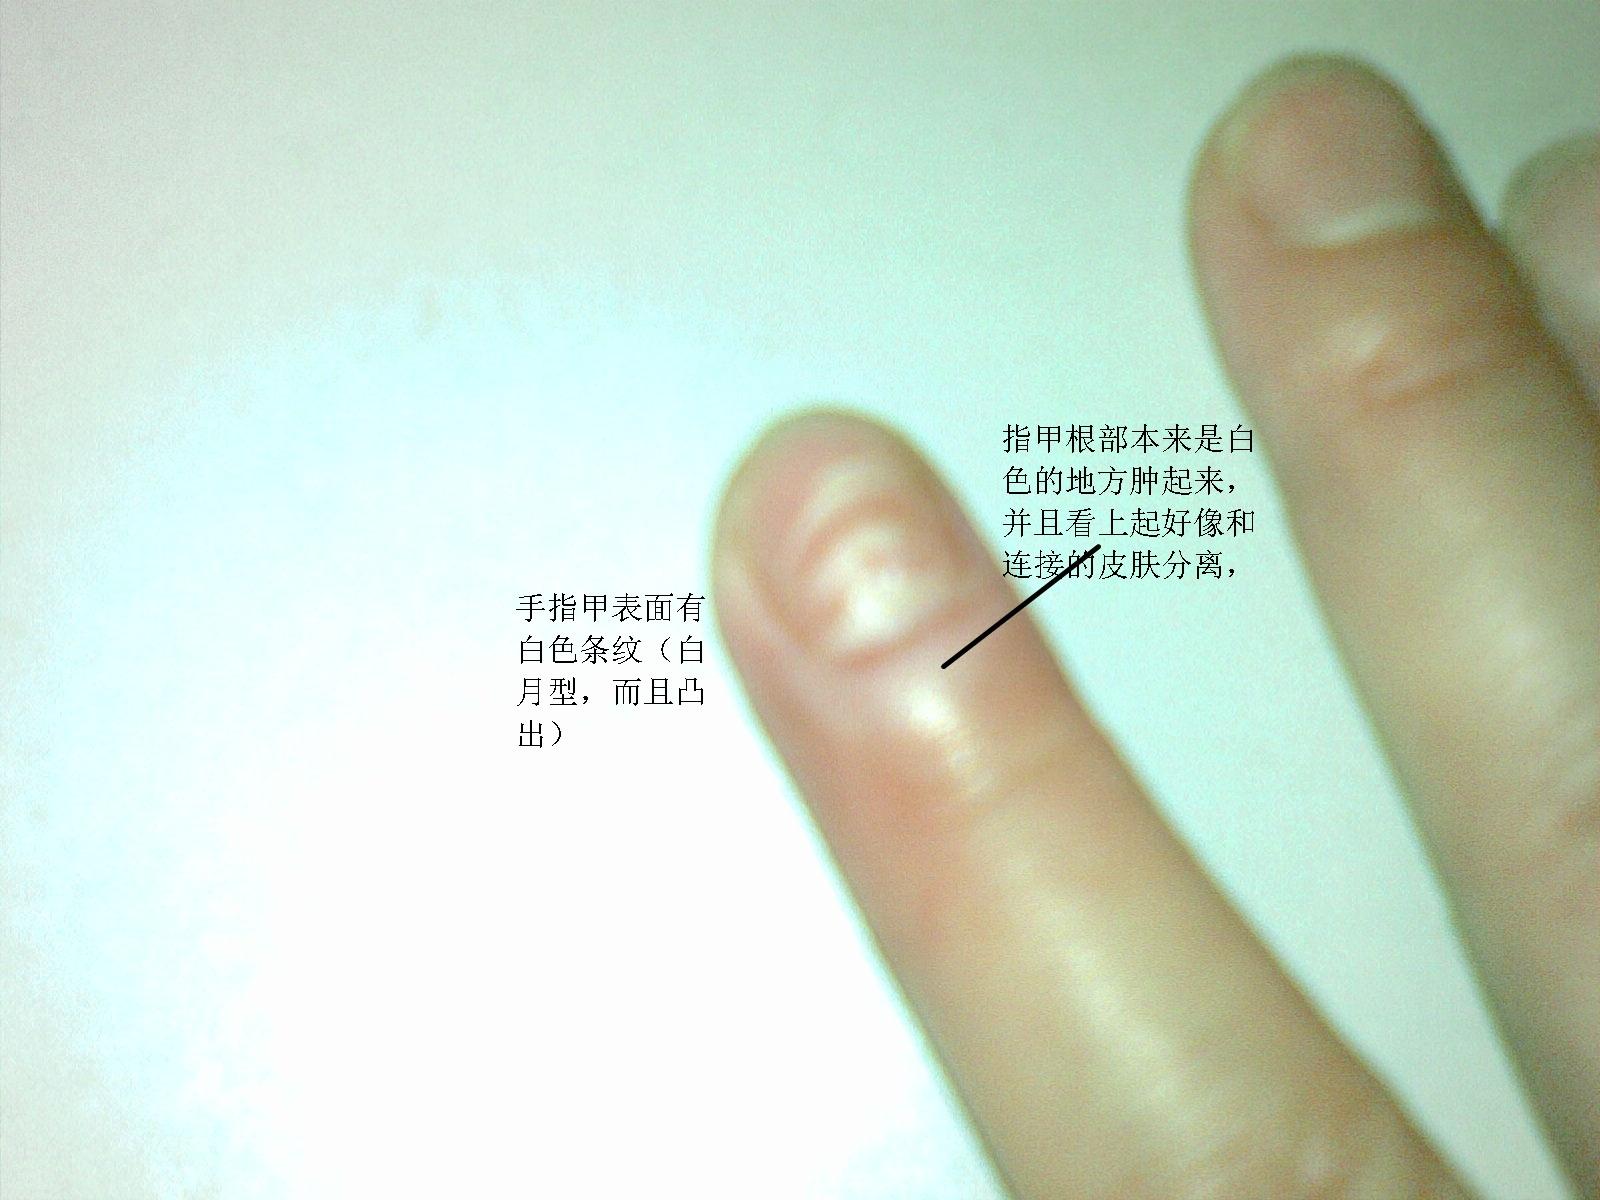 白白色潮吹影院_手指甲出现白色的横纹【为我的妈妈问一下,请大家帮帮忙,谢谢啦】